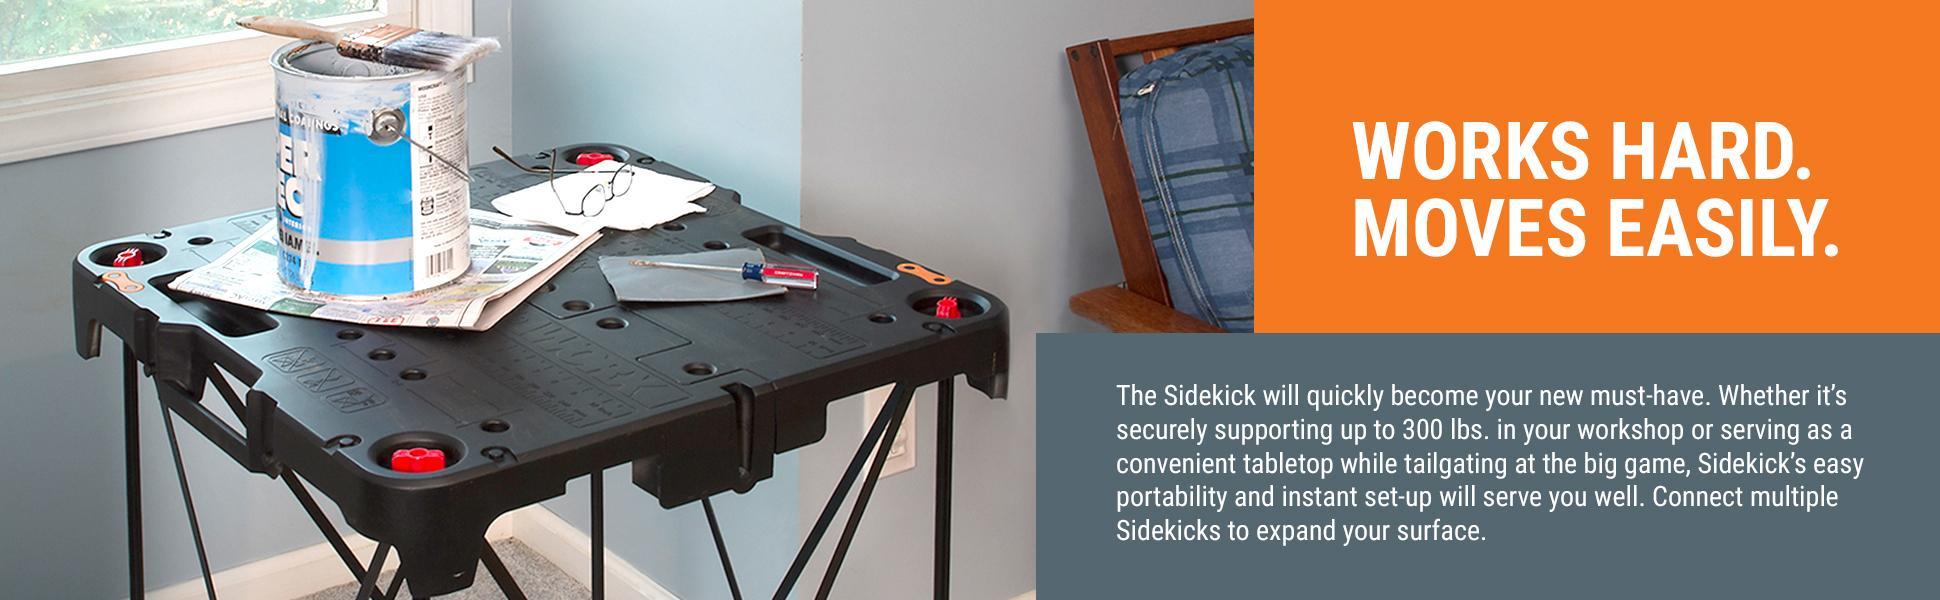 Worx Wx066 Sidekick Portable Work Table Amazon Com